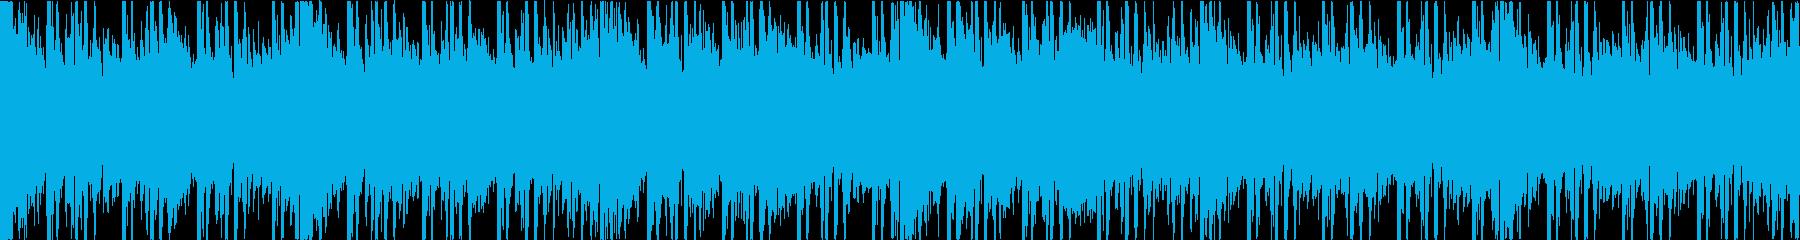 賑やかビッグビート SE無し ループの再生済みの波形